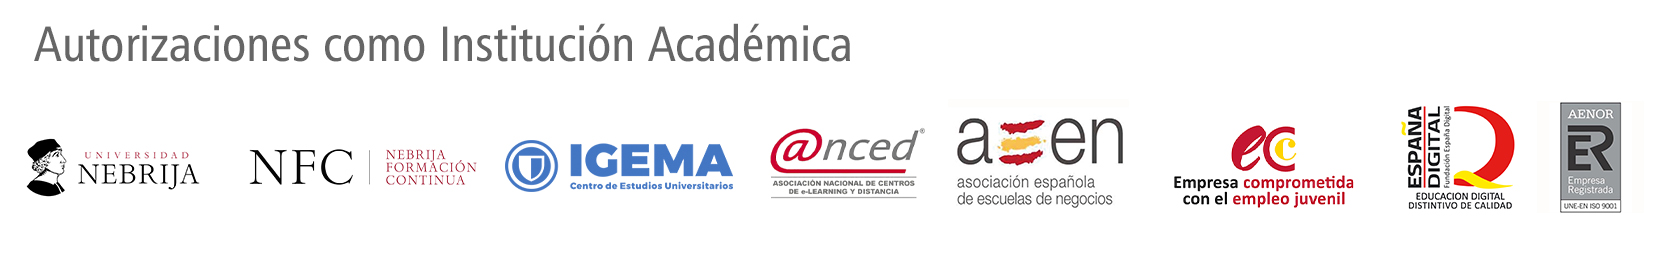 Formación Universitaria institución académica autorizada y acreditada